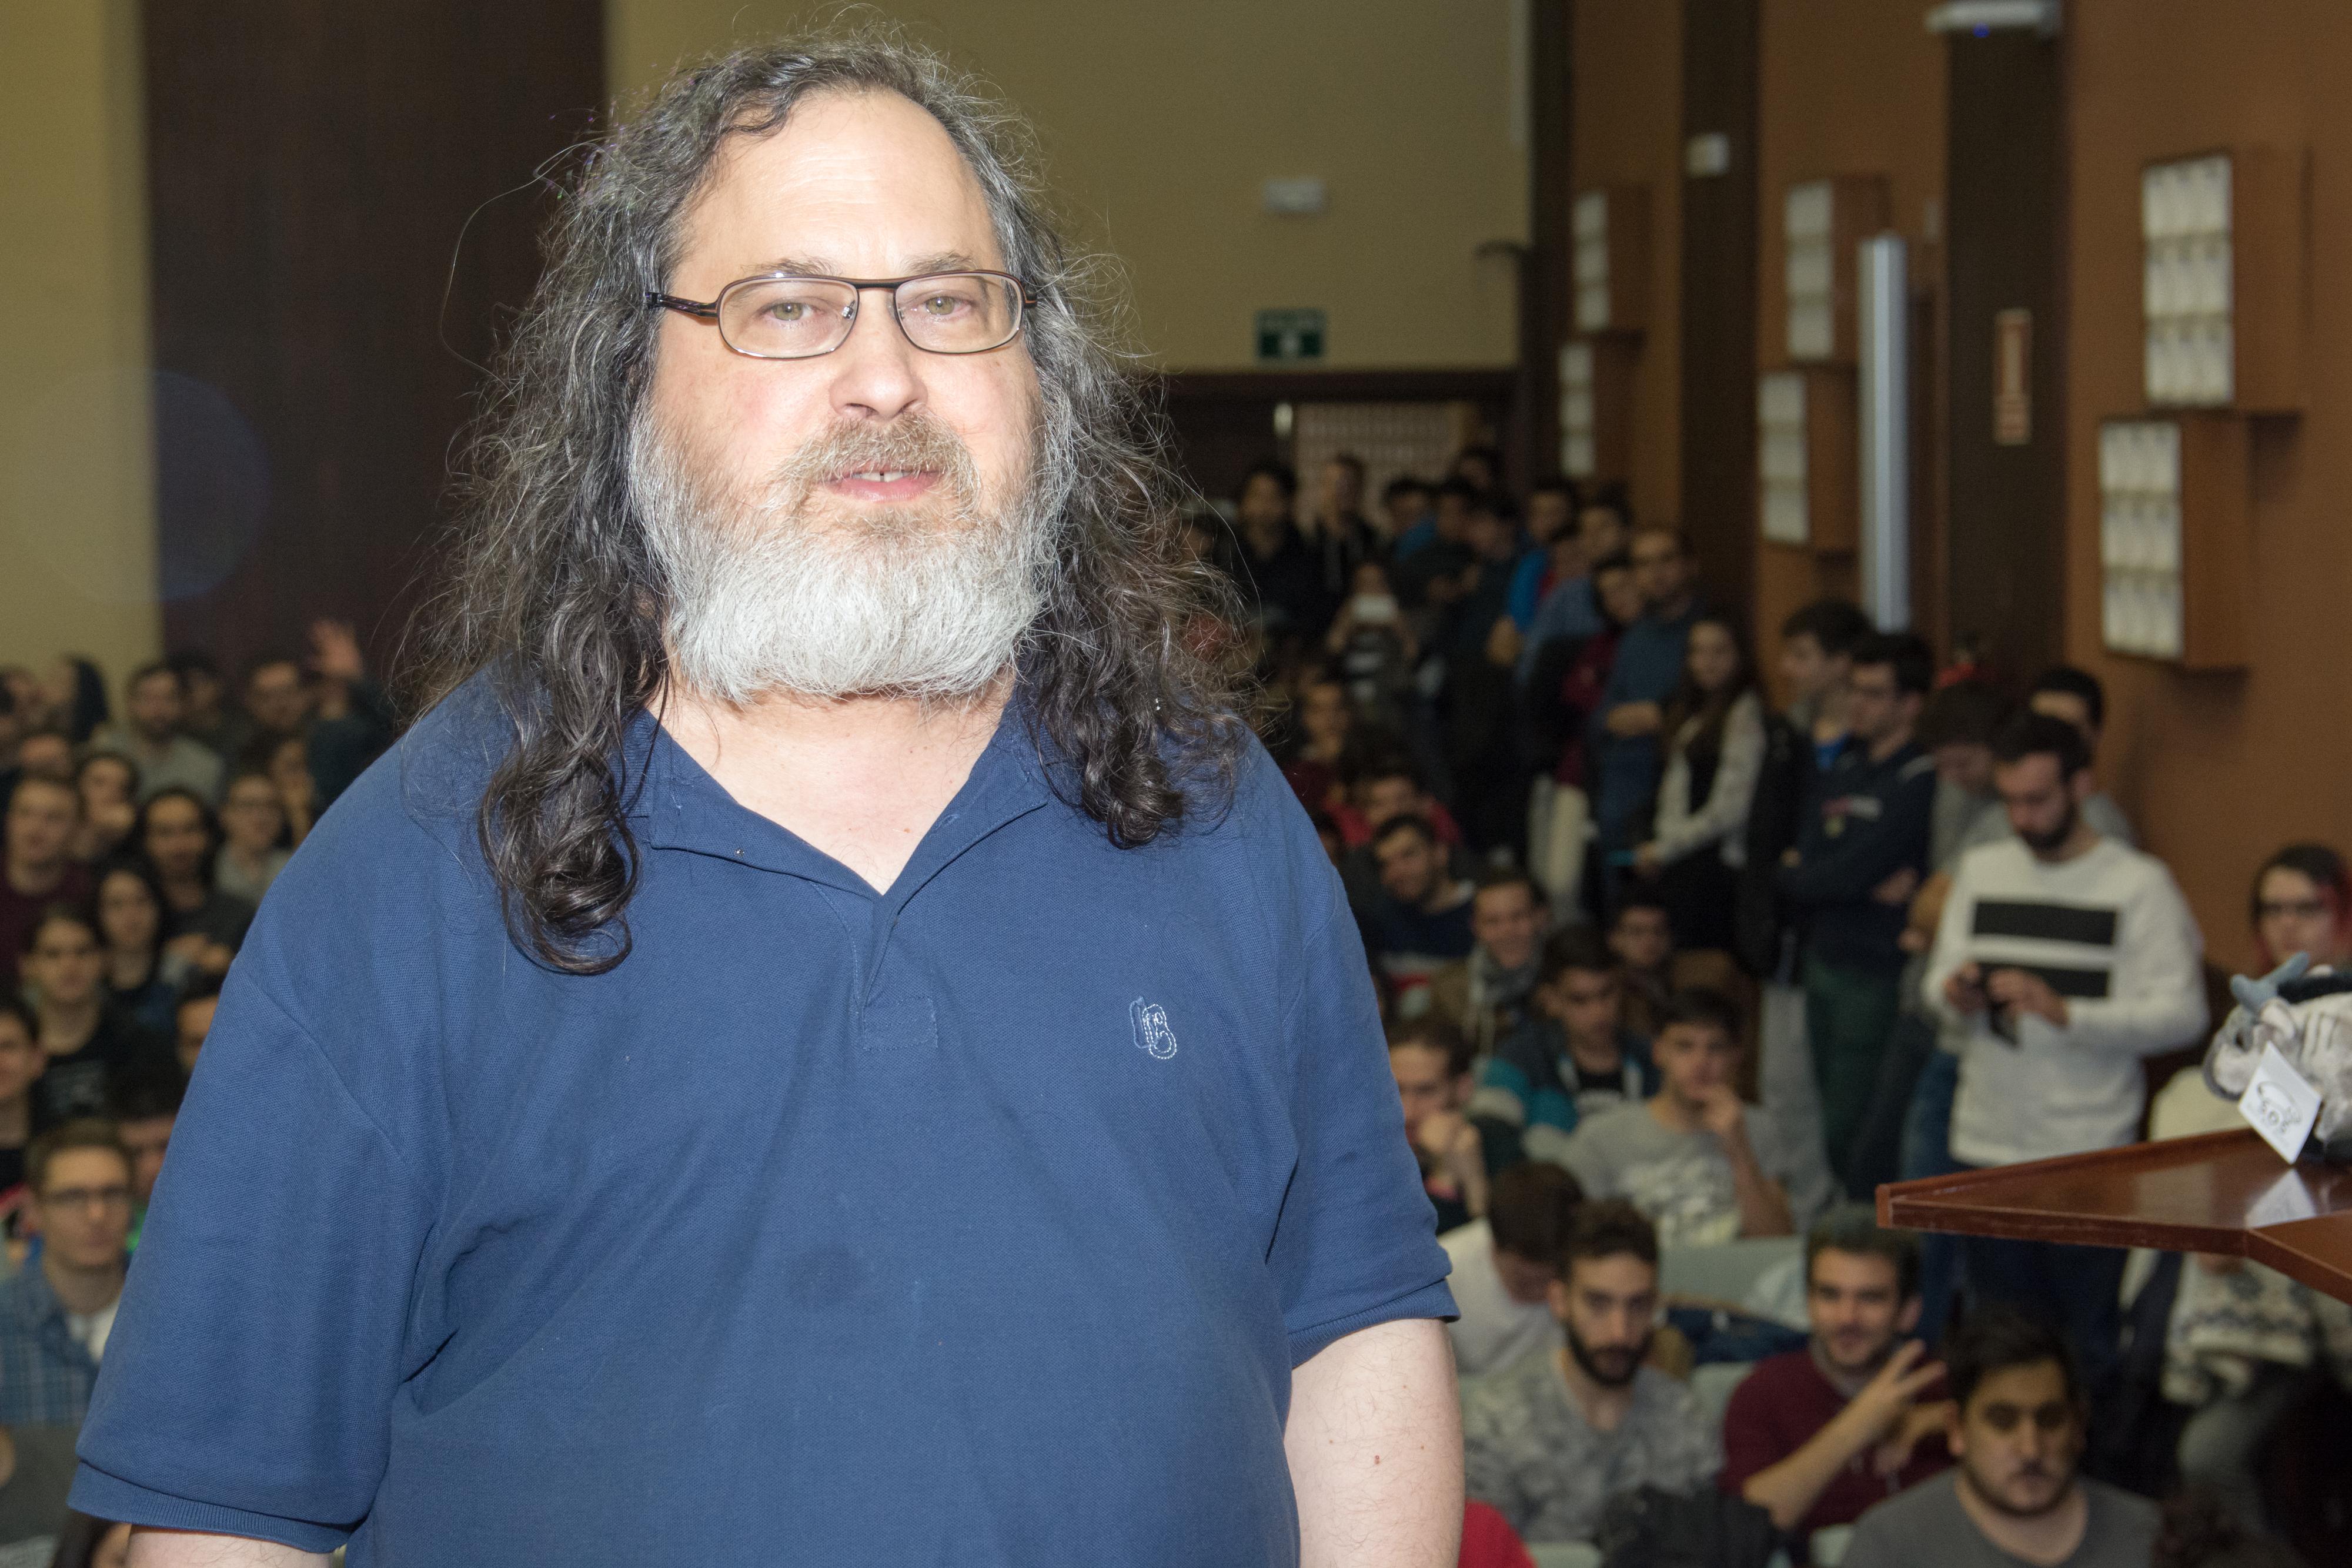 El vicerrector de Investigación y Transferencia inaugura la ponencia sobre Software Libre impartida por Richard Stallman, creador de GNU/LINUX